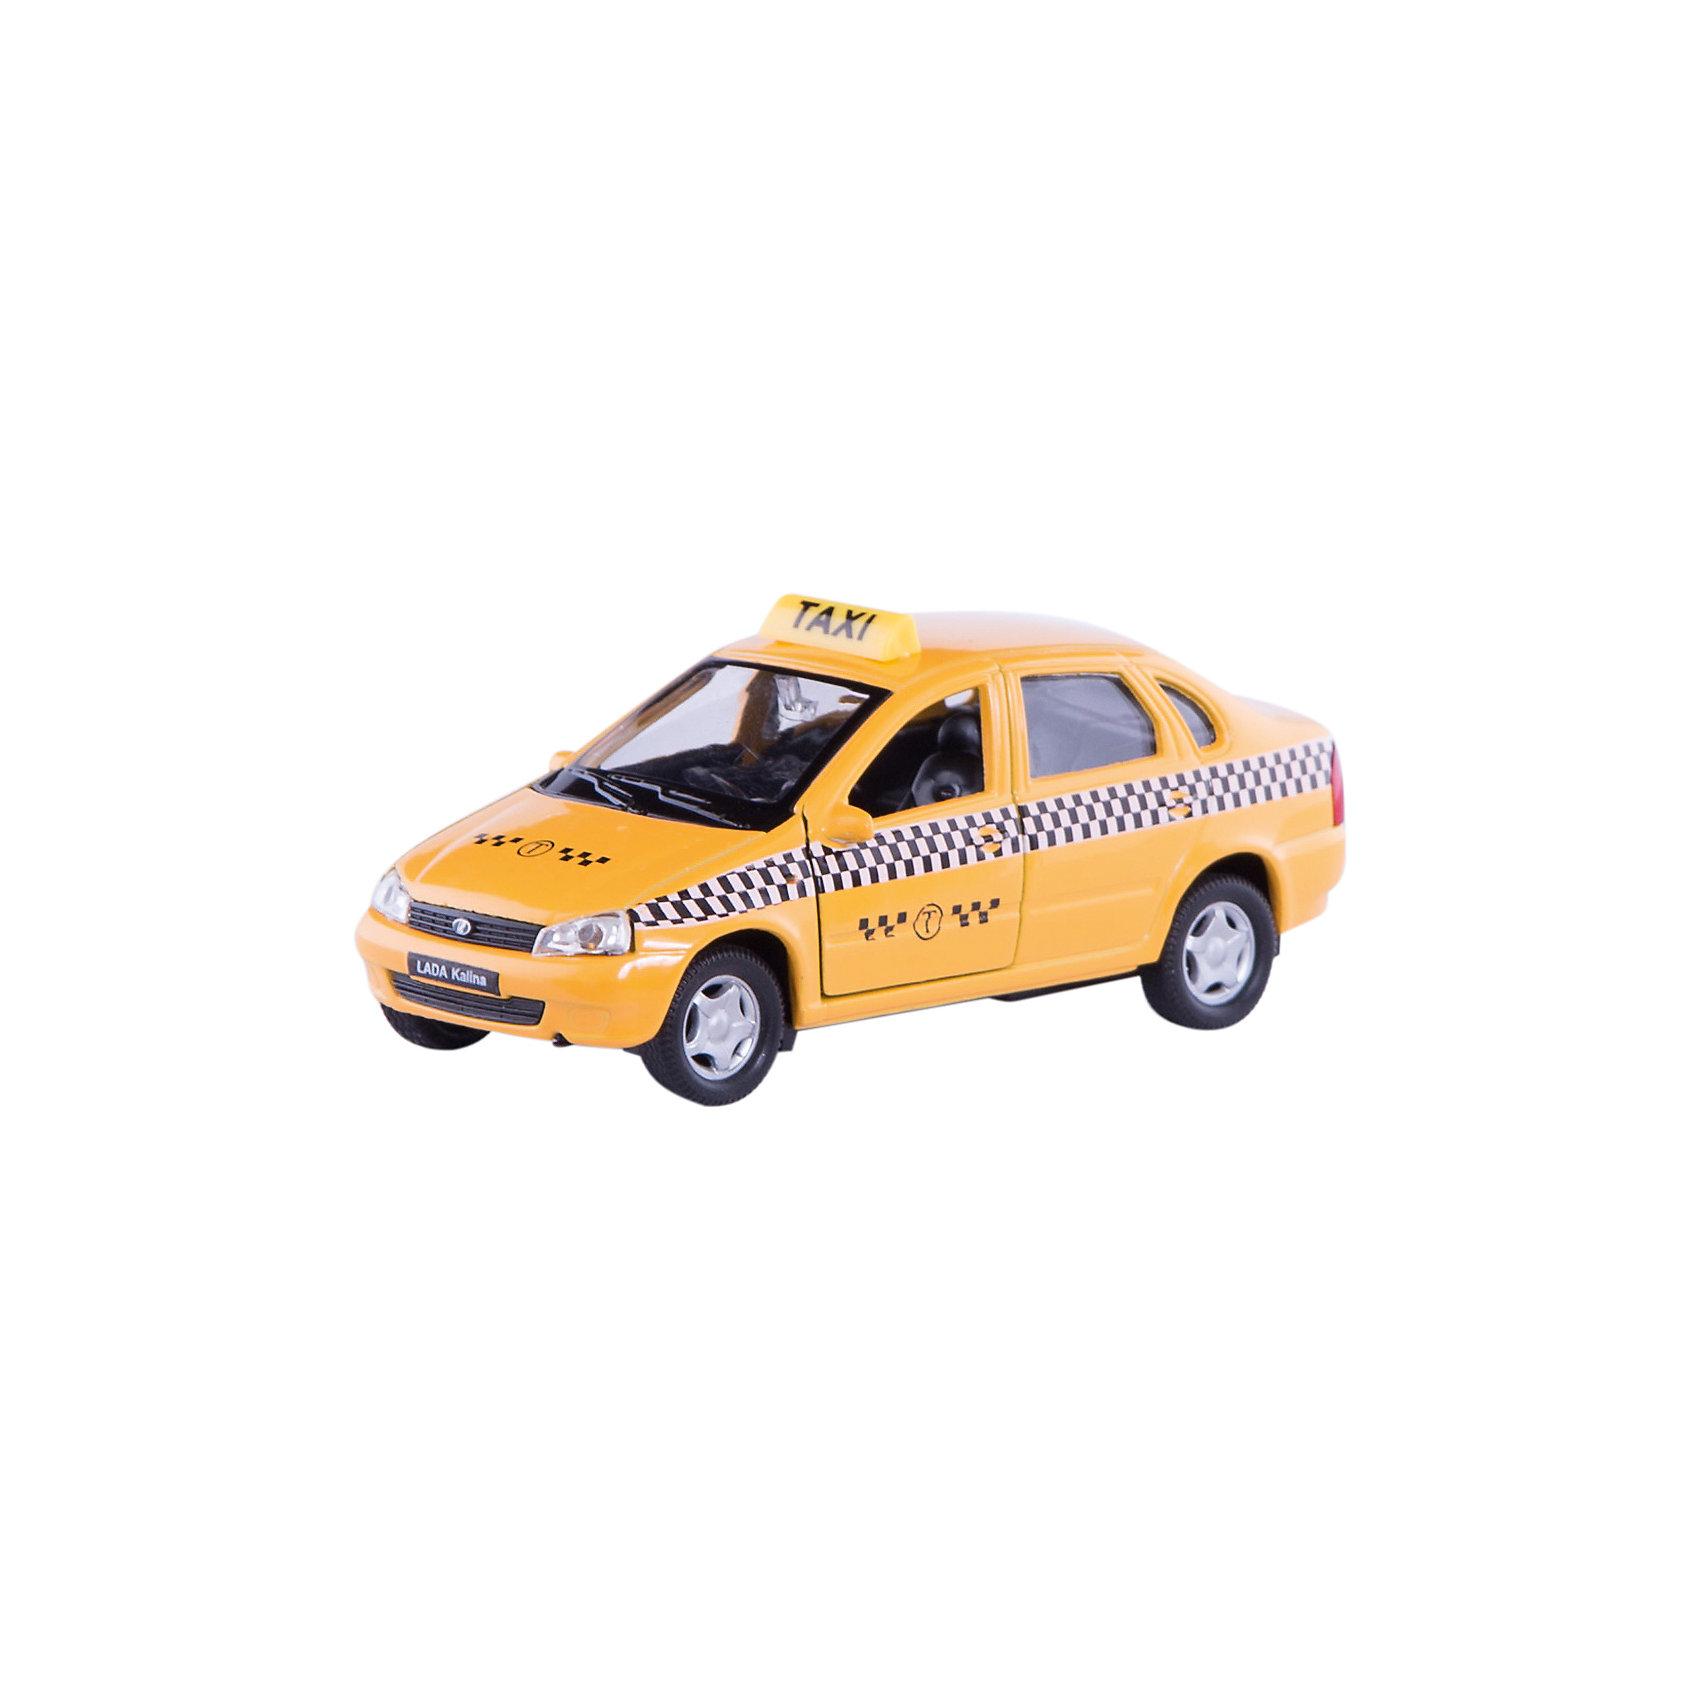 Welly Модель машины 1:34-39 LADA Kalina ТаксиКоллекционные модели<br>Welly Модель машины 1:34-39 LADA Kalina Такси<br><br>Характеристика:<br><br>-Размер : 17х7х11 см<br>-Вес: 0,2 кг<br>-Для мальчиков<br>-Возраст: от 3 лет<br>-Материал: пластик, металл, резина<br>-Цвет: жёлтый,чёрный <br>-Бренд: Welly<br>-Производитель: Китай<br><br>Welly Модель машины 1:34-39 LADA Kalina Такси - это уменьшенная версия настоящей машины Такси. С такой машиной игры станут не только интереснее. Машина похожа на те Такси, что ребёнок может видеть на улицах города. От этого игра станет ближе к реальности.<br><br>Ширина мм: 150<br>Глубина мм: 60<br>Высота мм: 120<br>Вес г: 184<br>Возраст от месяцев: 84<br>Возраст до месяцев: 1188<br>Пол: Мужской<br>Возраст: Детский<br>SKU: 2150195